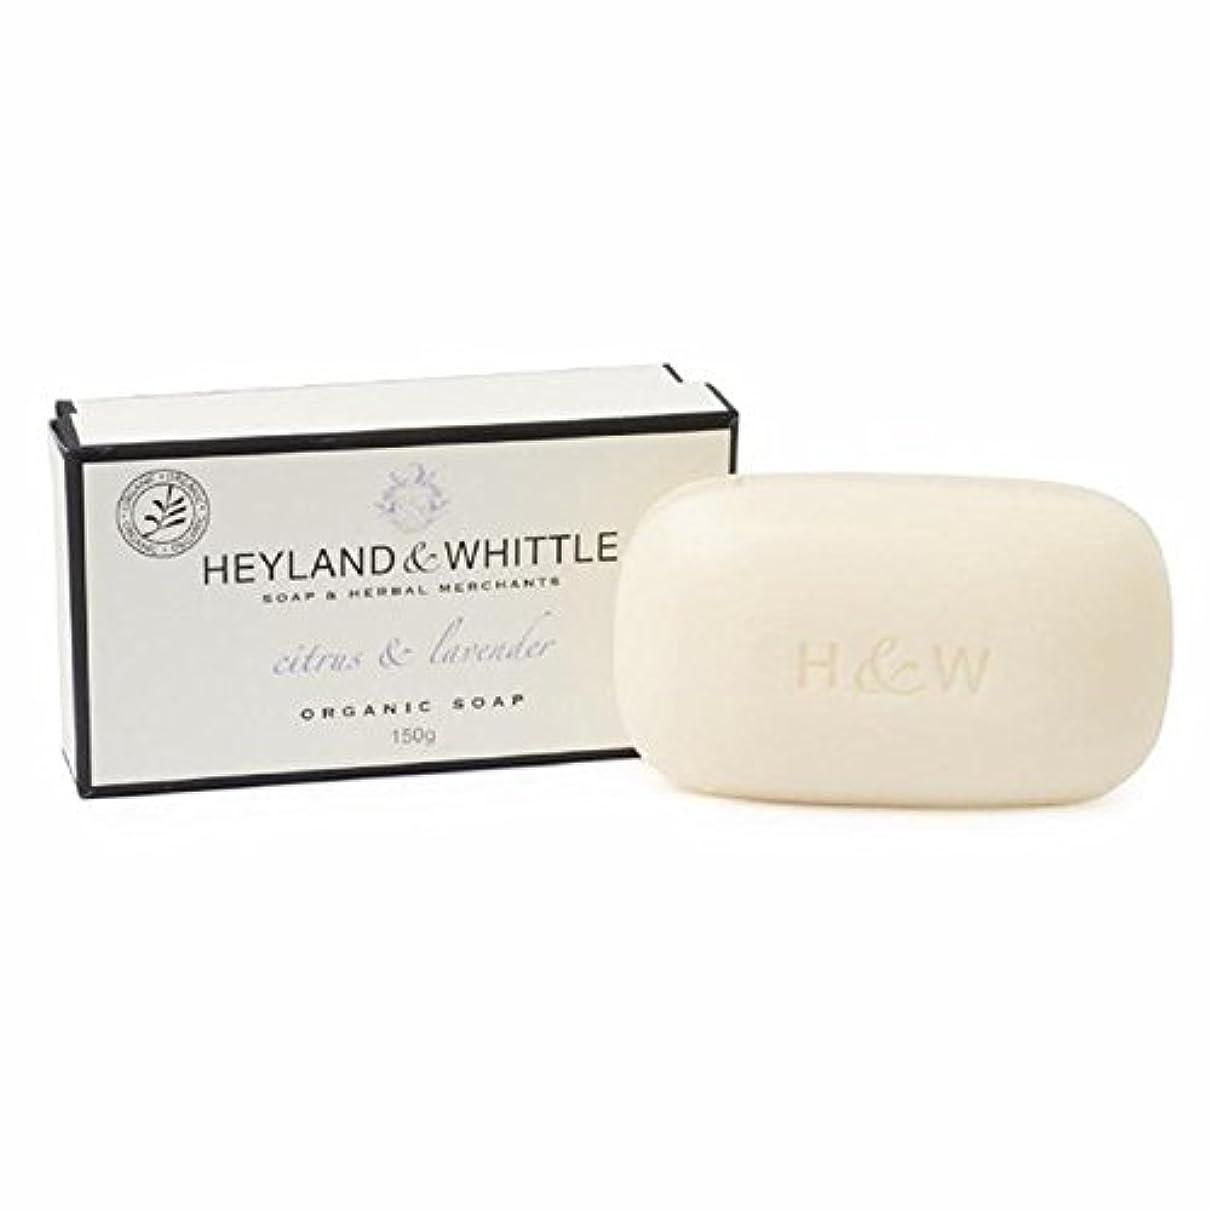 毎年ブルゴーニュニッケルHeyland & Whittle Citrus & Lavender Boxed Organic Soap 150g (Pack of 6) - &削るシトラス&ラベンダーは、有機石鹸150グラム箱入り x6 [並行輸入品]